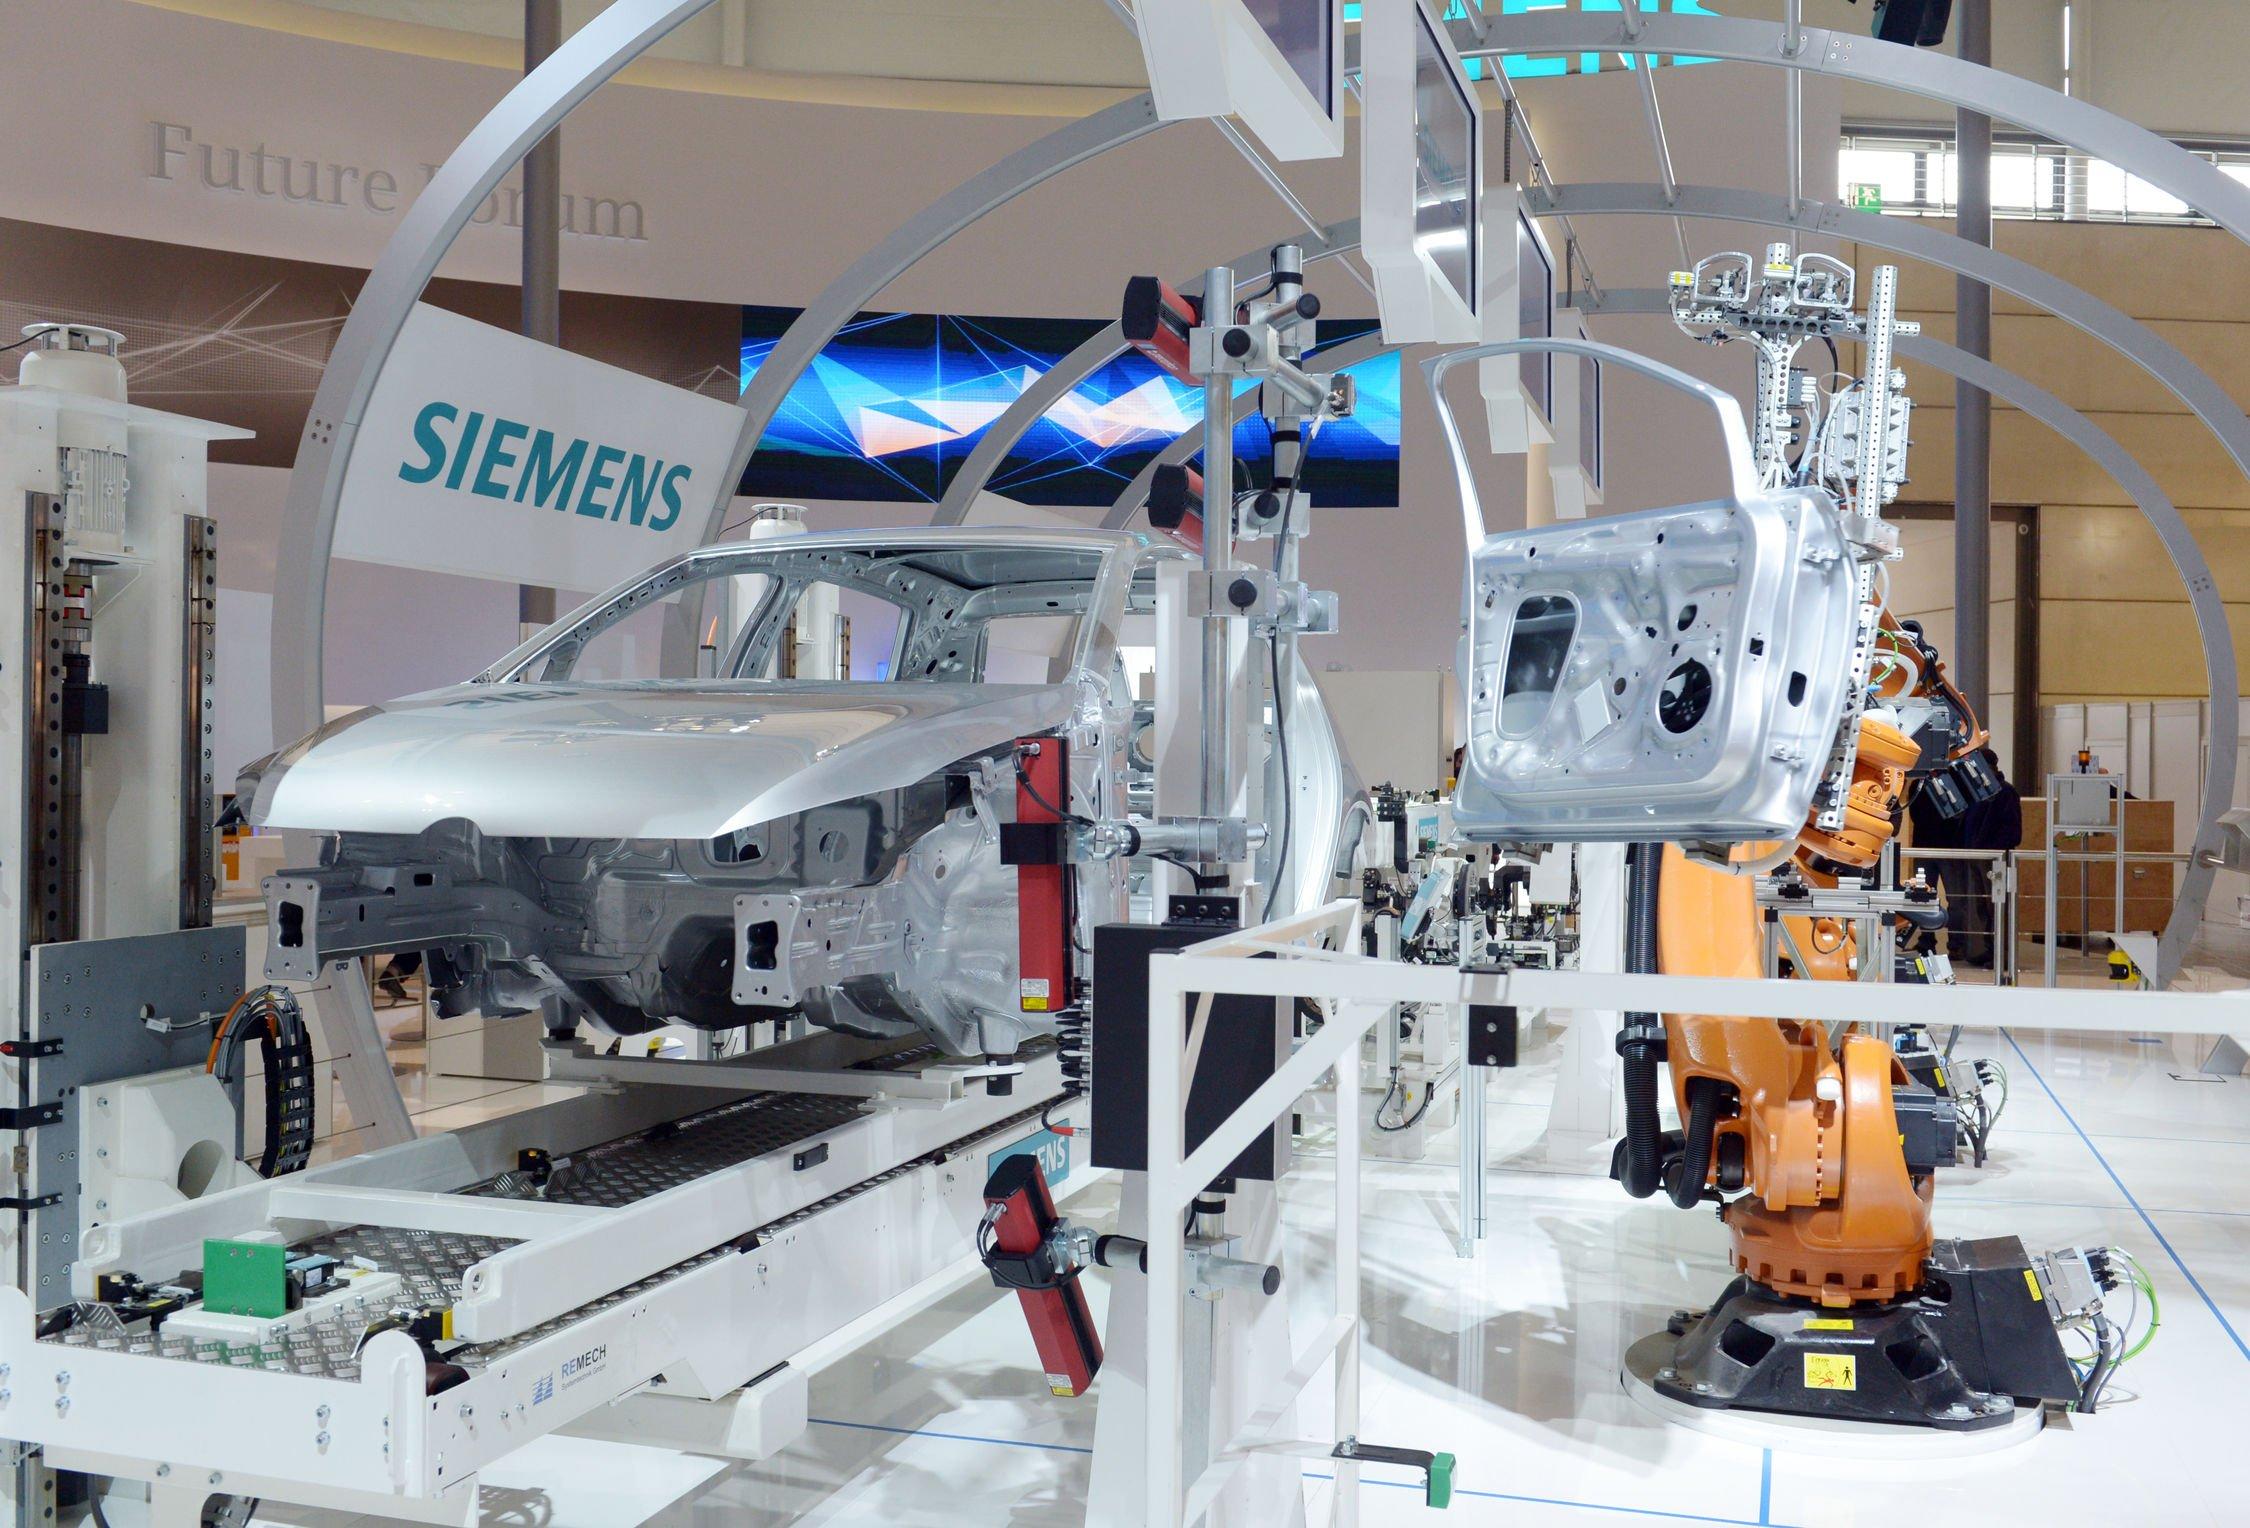 Mit 3500 Quadratmetern ist Siemens der größte Aussteller der Hannover Messe. So zeigt Siemens eine reale Pkw-Montagestraße, die bereits im Zeichen der Industrie 4.0 steht und voll vernetzt ist. Die Anlage kann auch komplexe Arbeitsabläufe automatisiert erledigen.